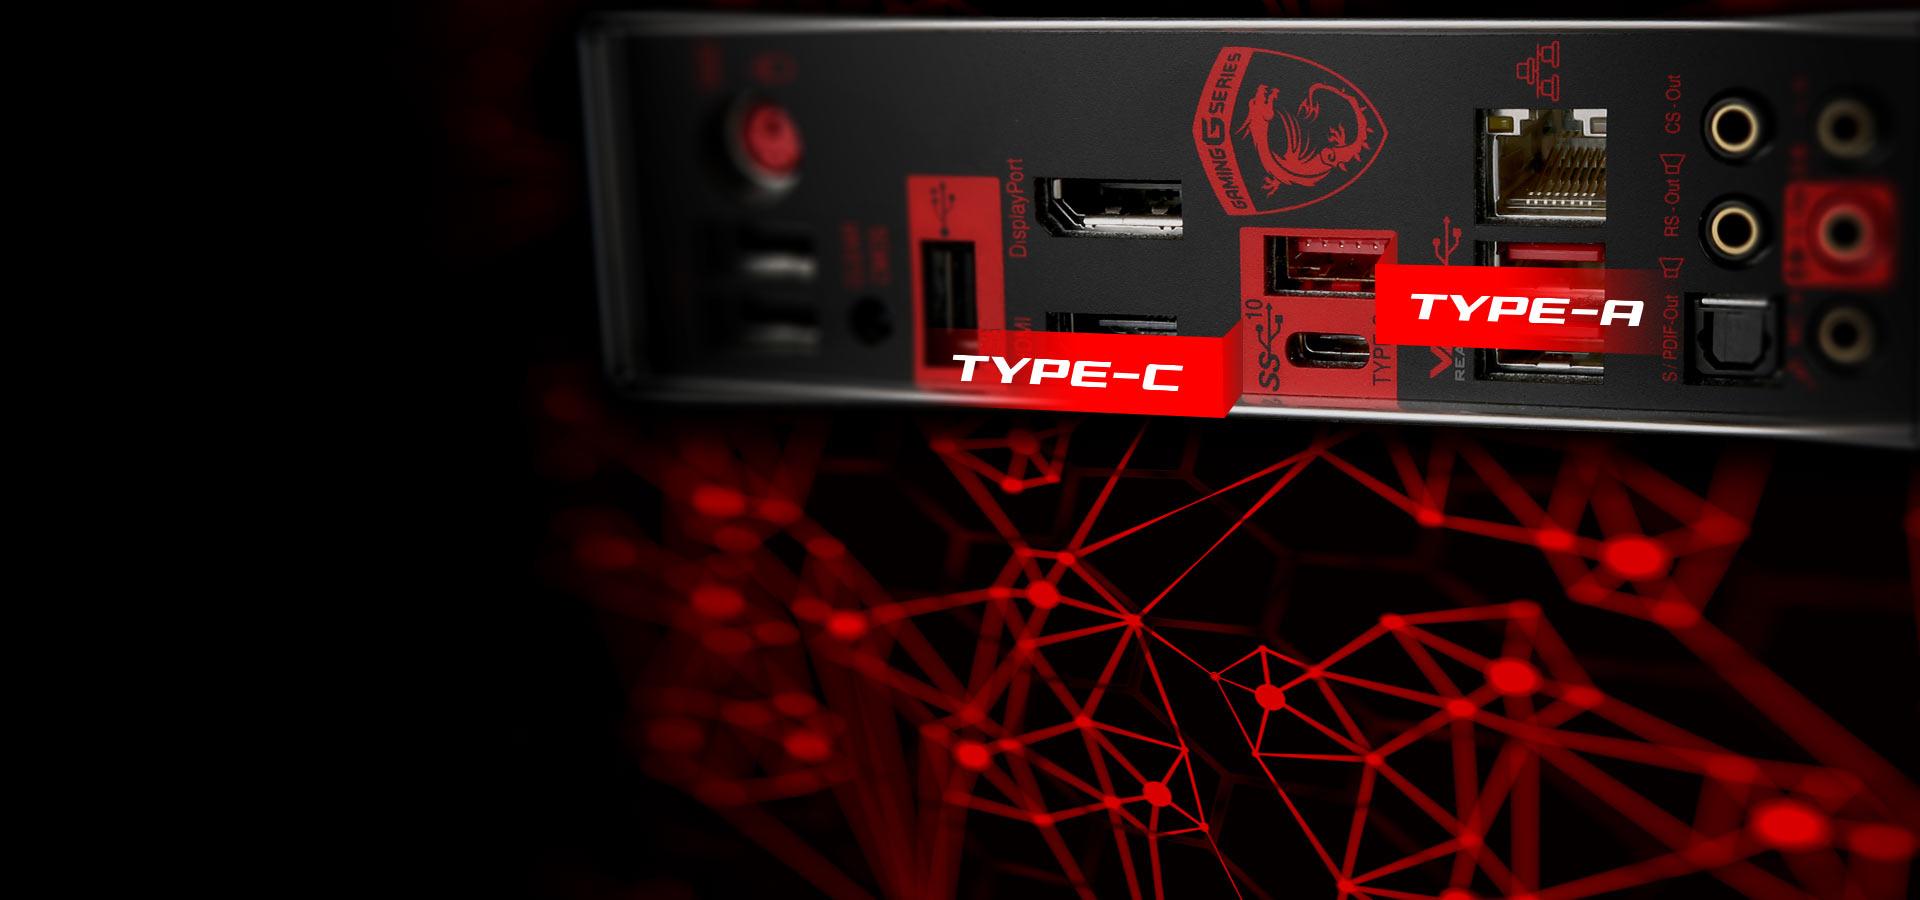 MSI Z270 Gaming M6 AC LGA 1151 ATX Motherboard